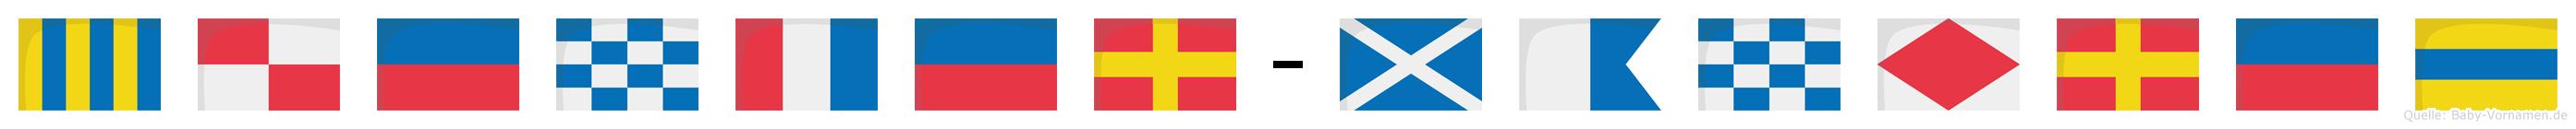 Günter-Manfred im Flaggenalphabet